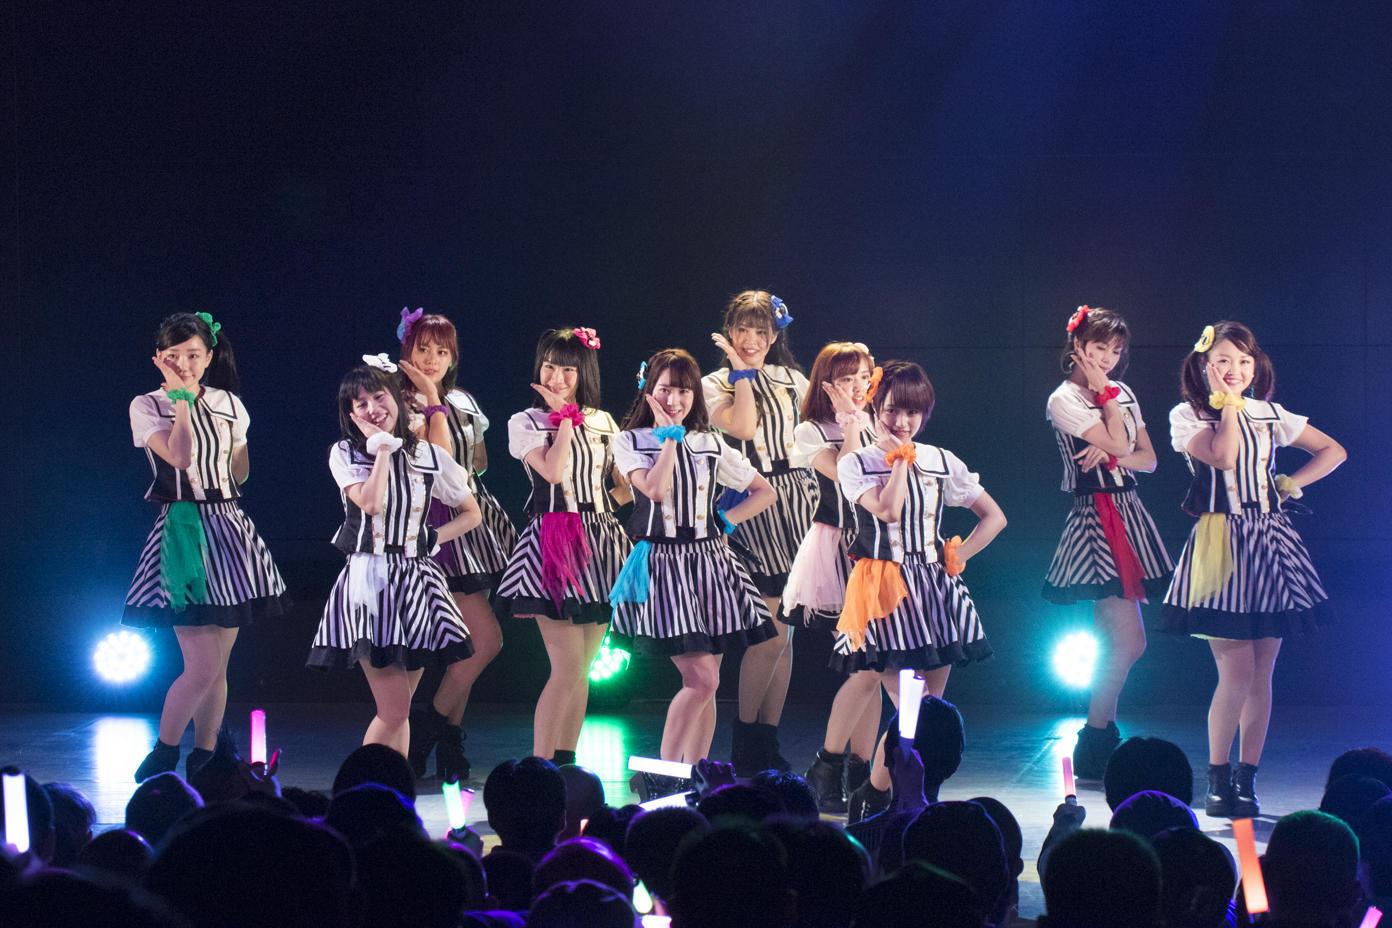 http://news.yoshimoto.co.jp/20161228153611-770fcb0a6b037c38531266cdbfeac1ecd985cd6f.jpg